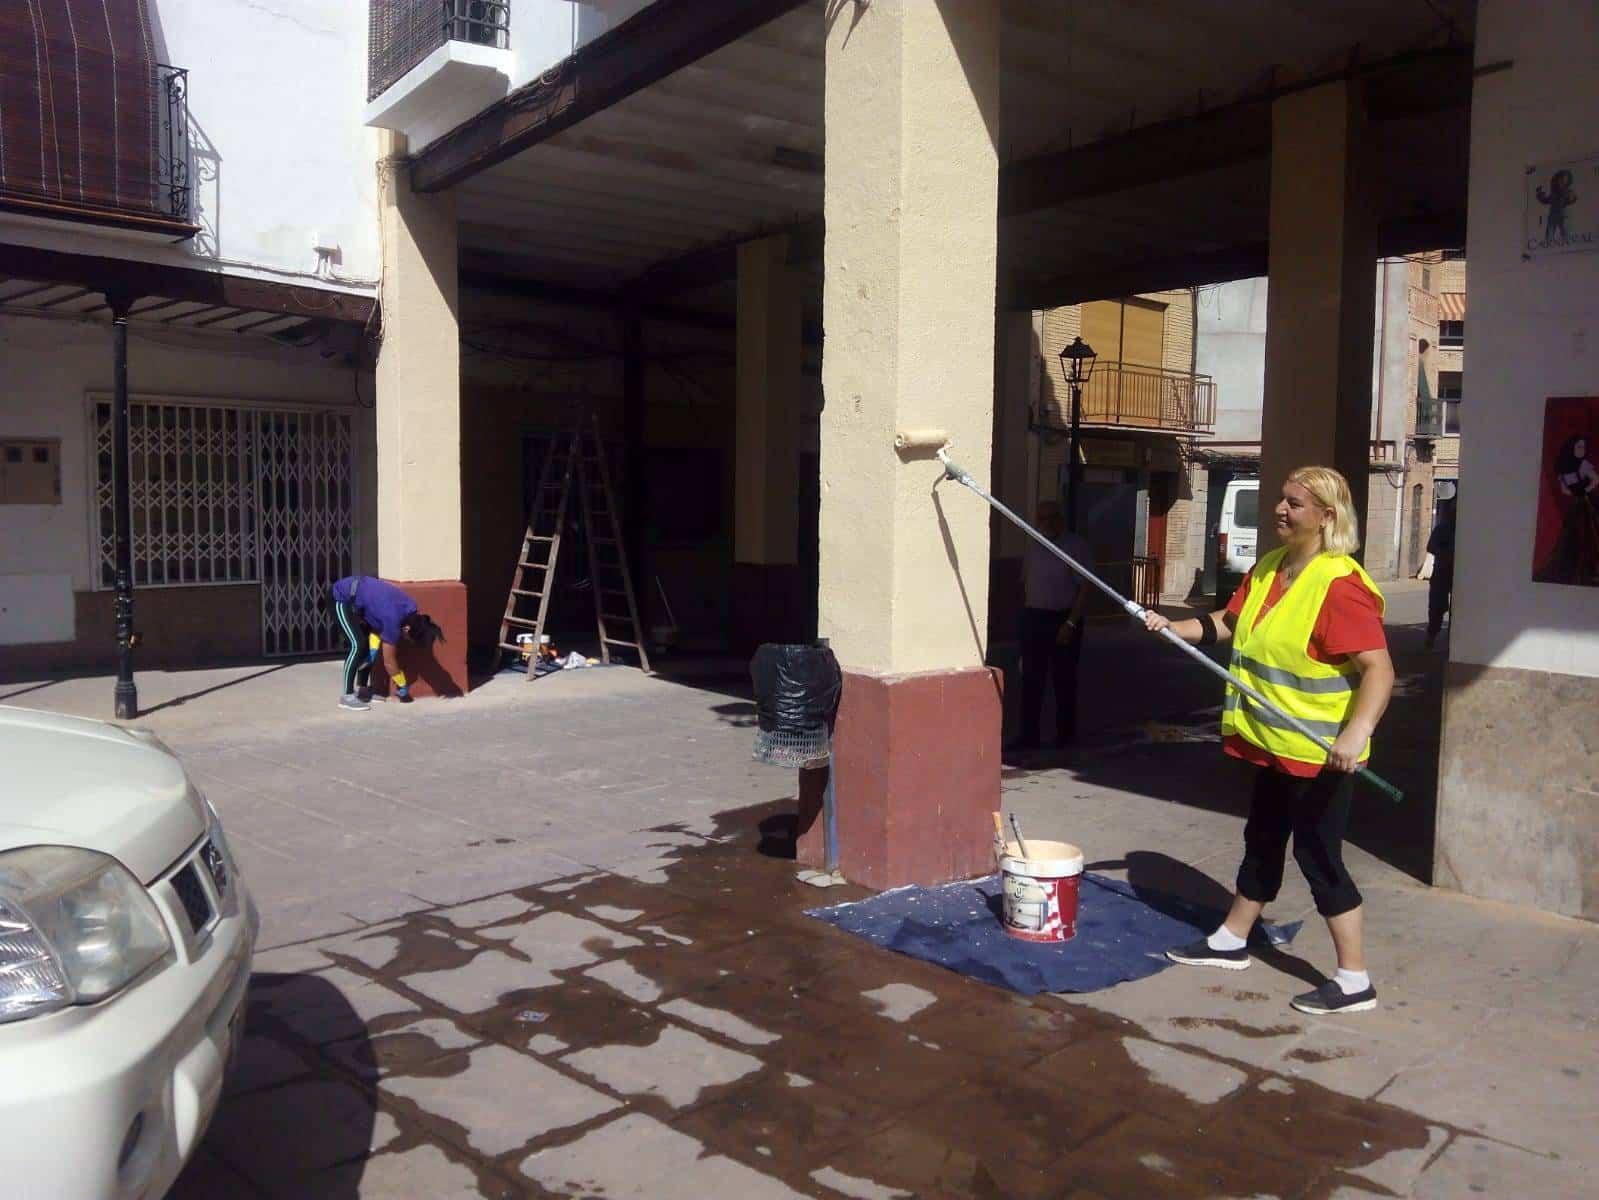 preparando plaza espana herencia para feria fiestas 2018 - Mantenimiento y pintura para la Plaza de España antes de Feria y Fiestas